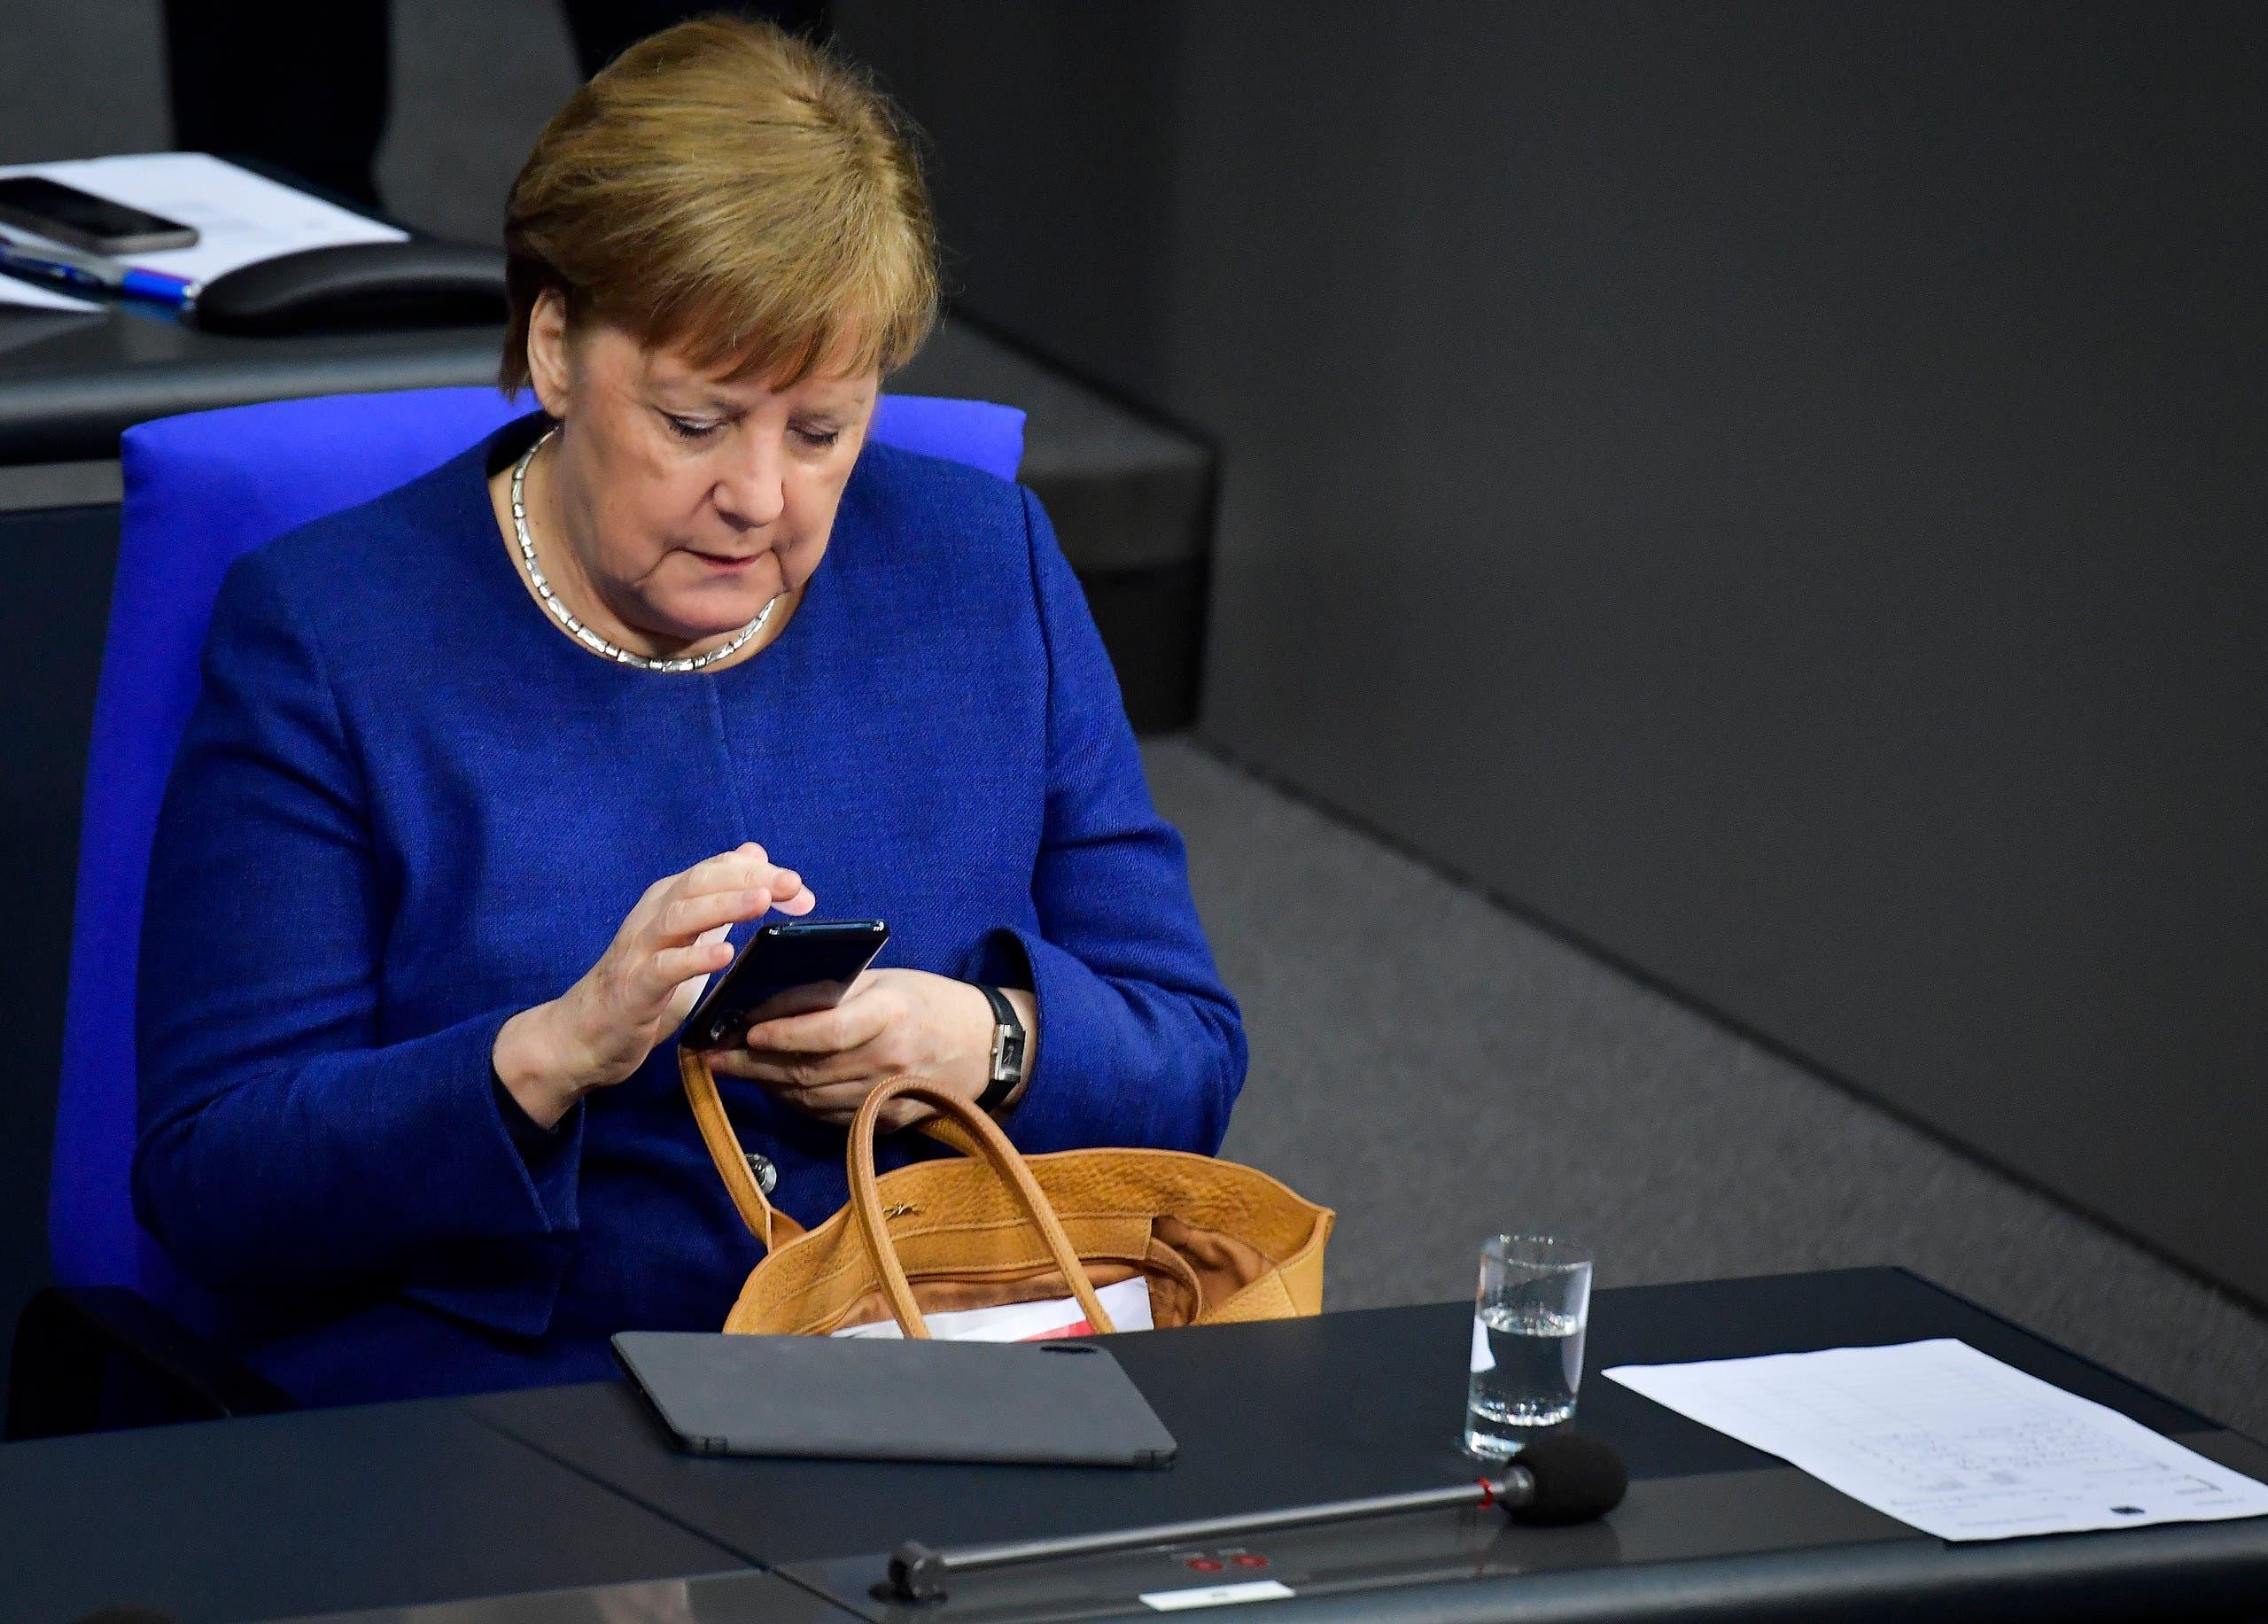 أنجيلا ميركل تنظر إلى هاتفها المحمول(أرشيفية- فرانس برس)